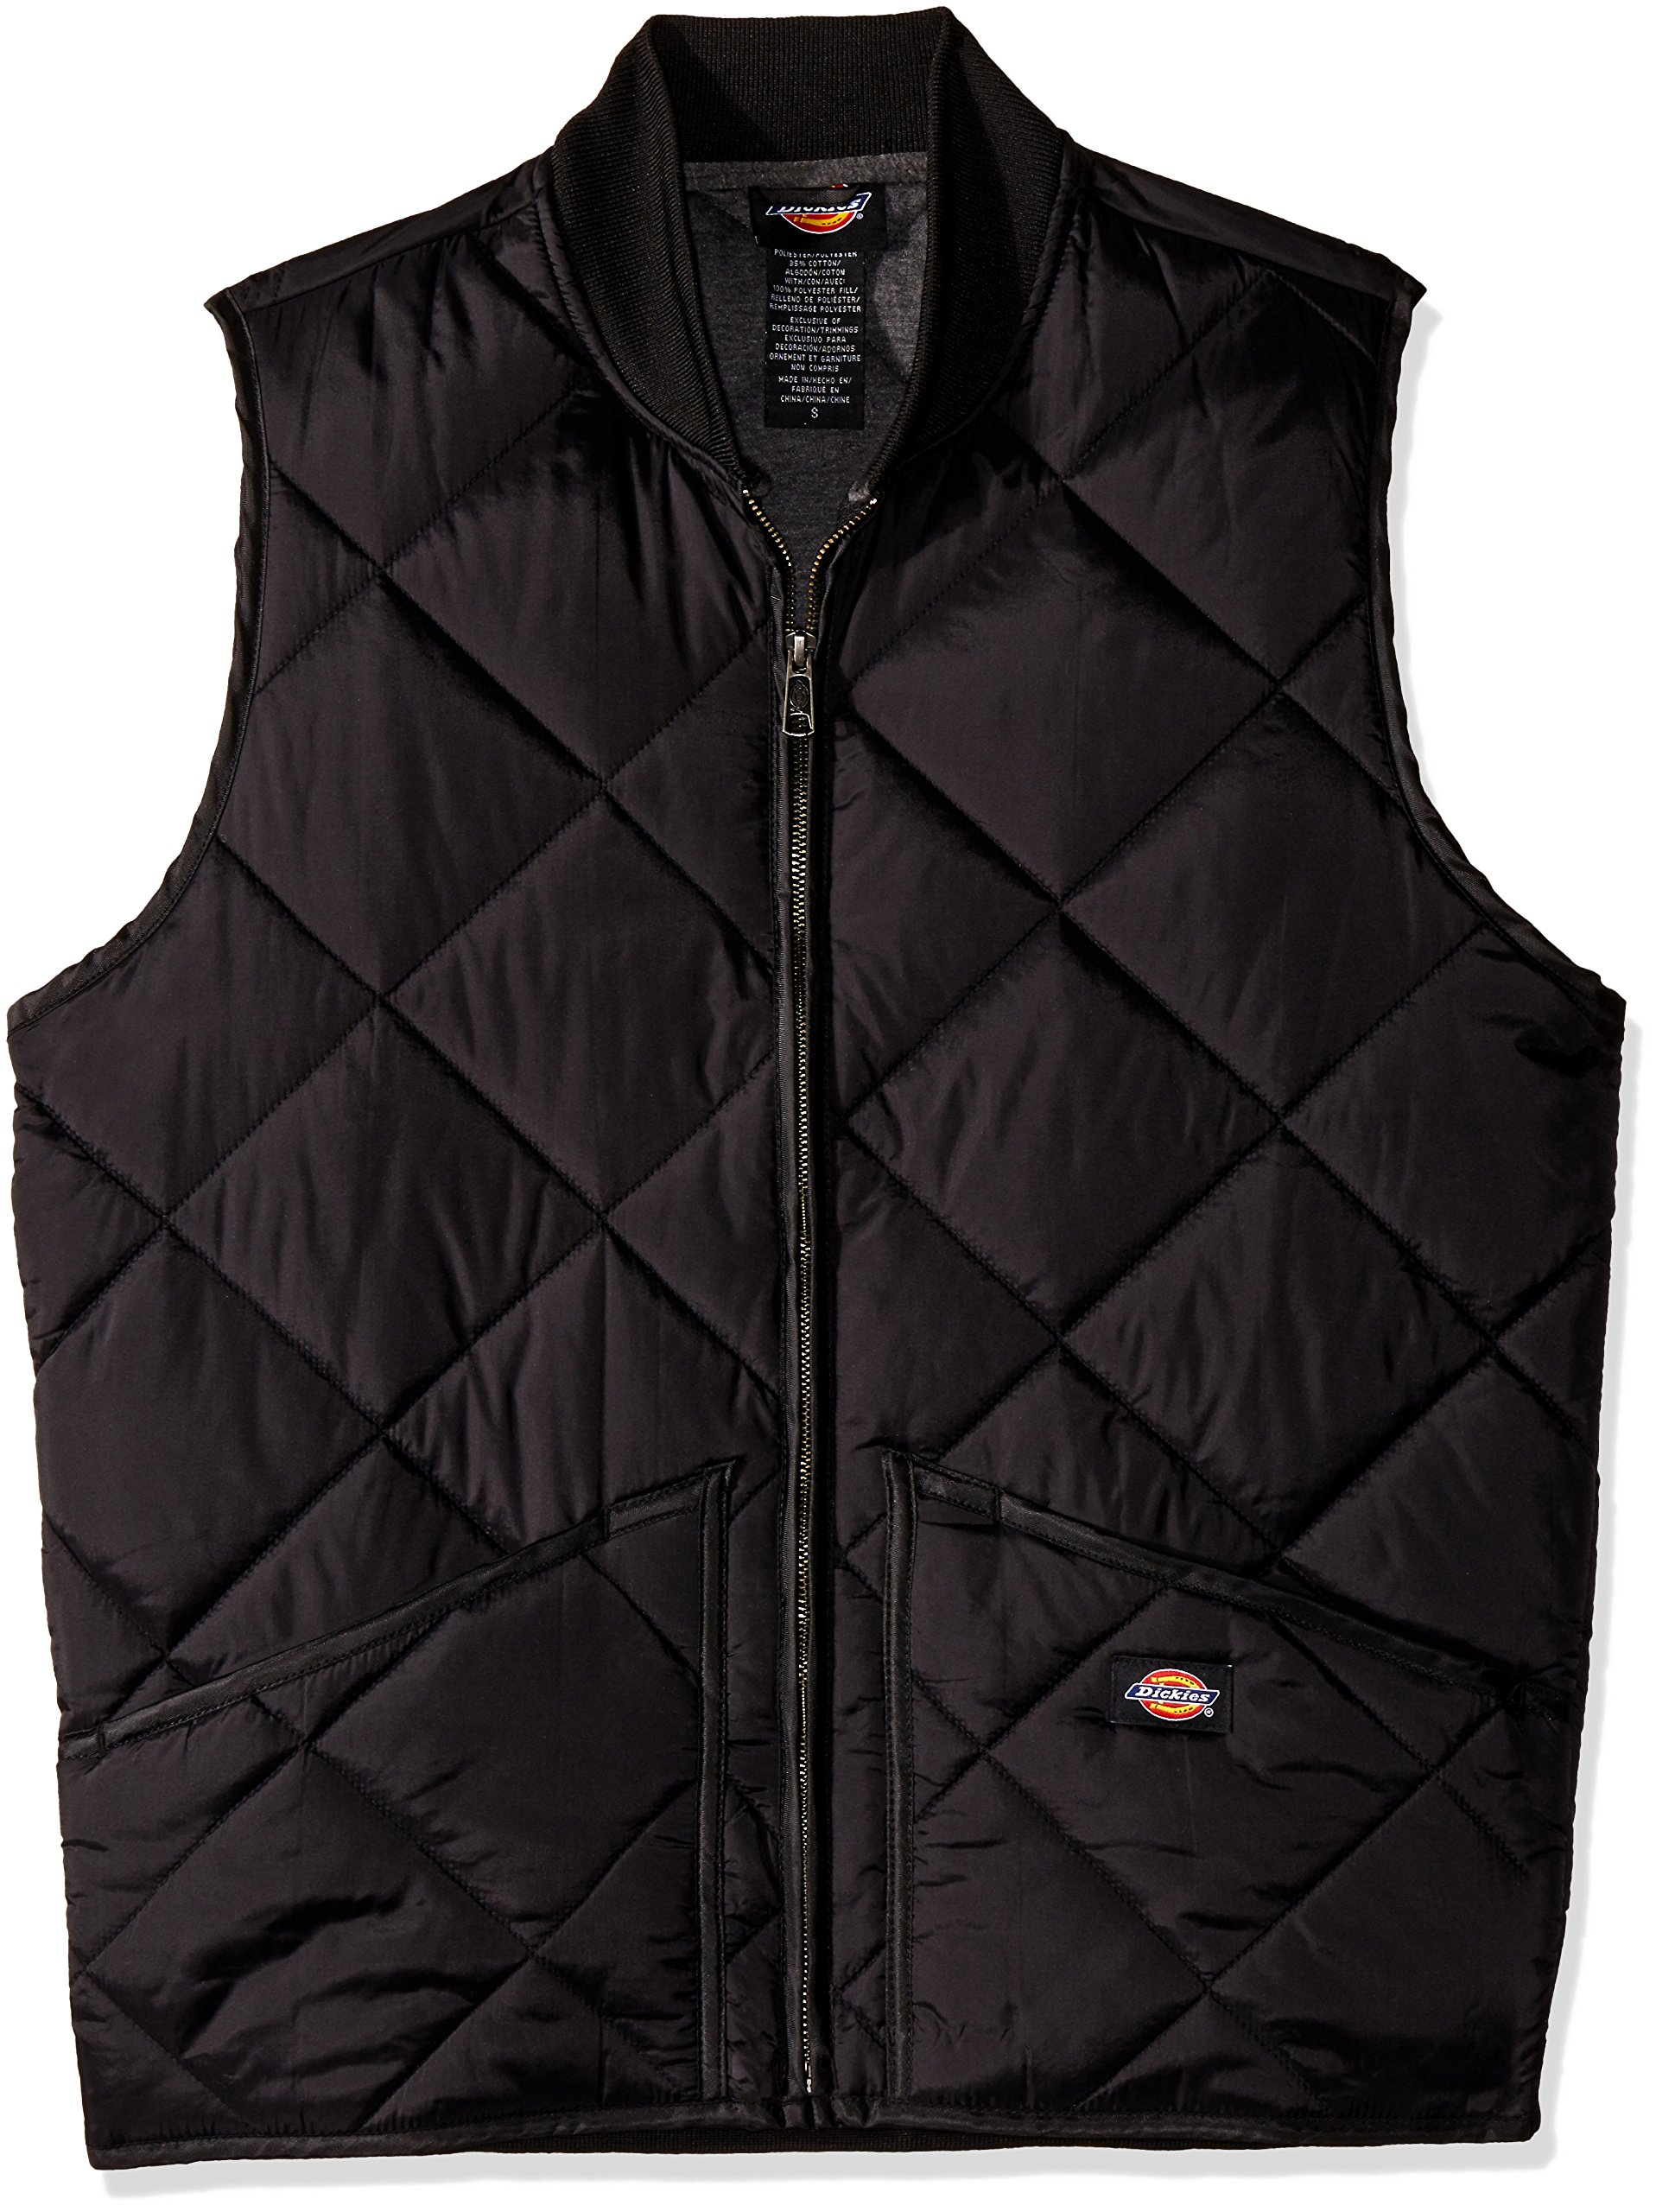 Dickies Men's Diamond Quilted Nylon Vest, Black, Large by dickies